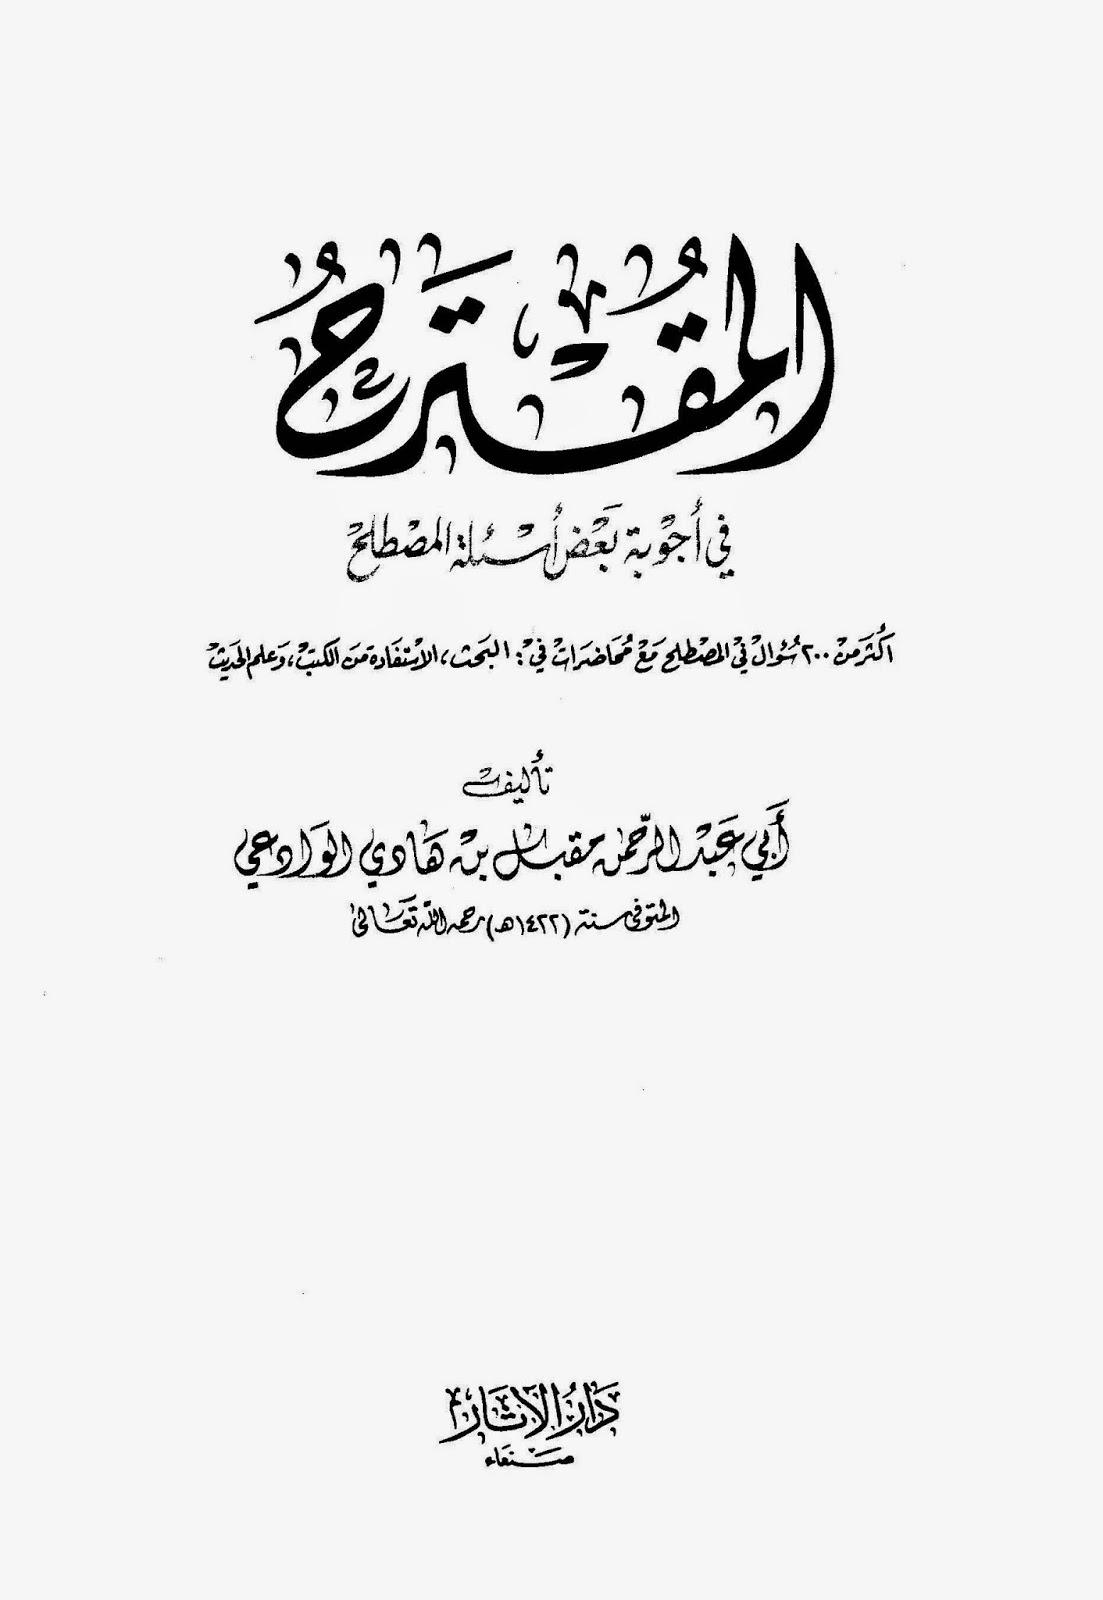 المقترح في أجوبة بعض أسئلة المصطلح - مقبل بن هادي الوادعي pdf